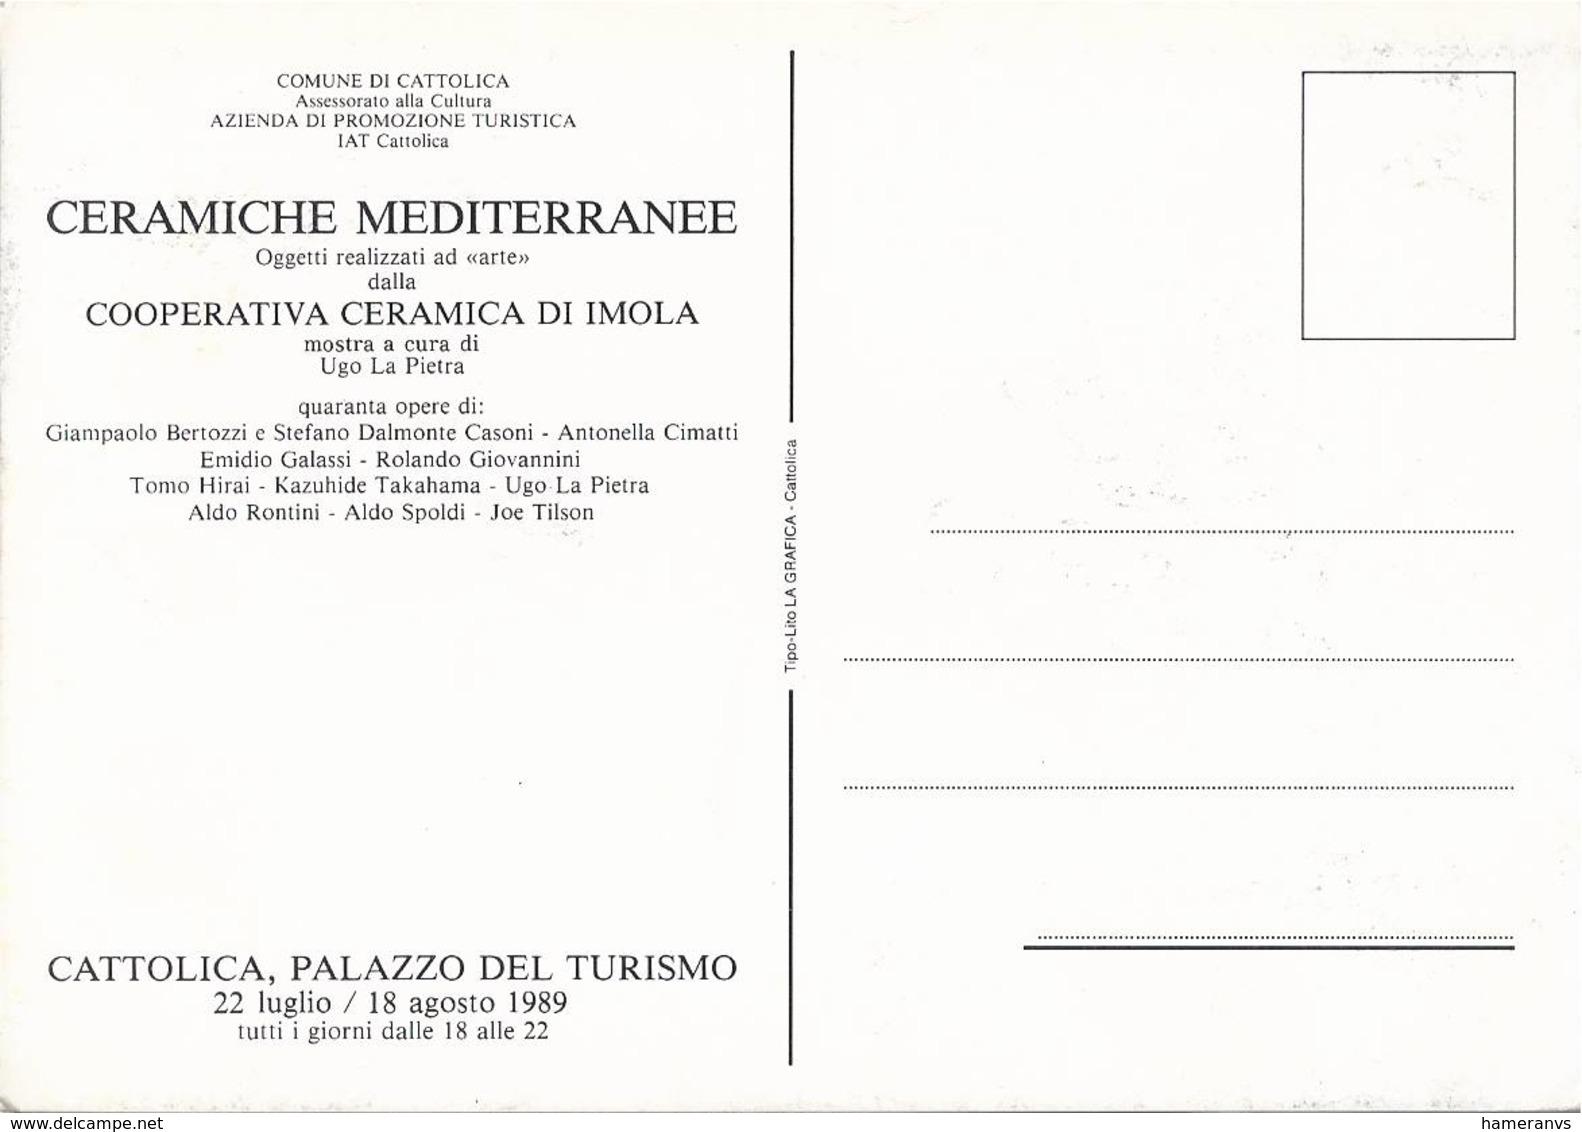 Cattolica - Palazzo Del Turismo - Ceramiche Mediterranee - Rimini - H5423 - Rimini